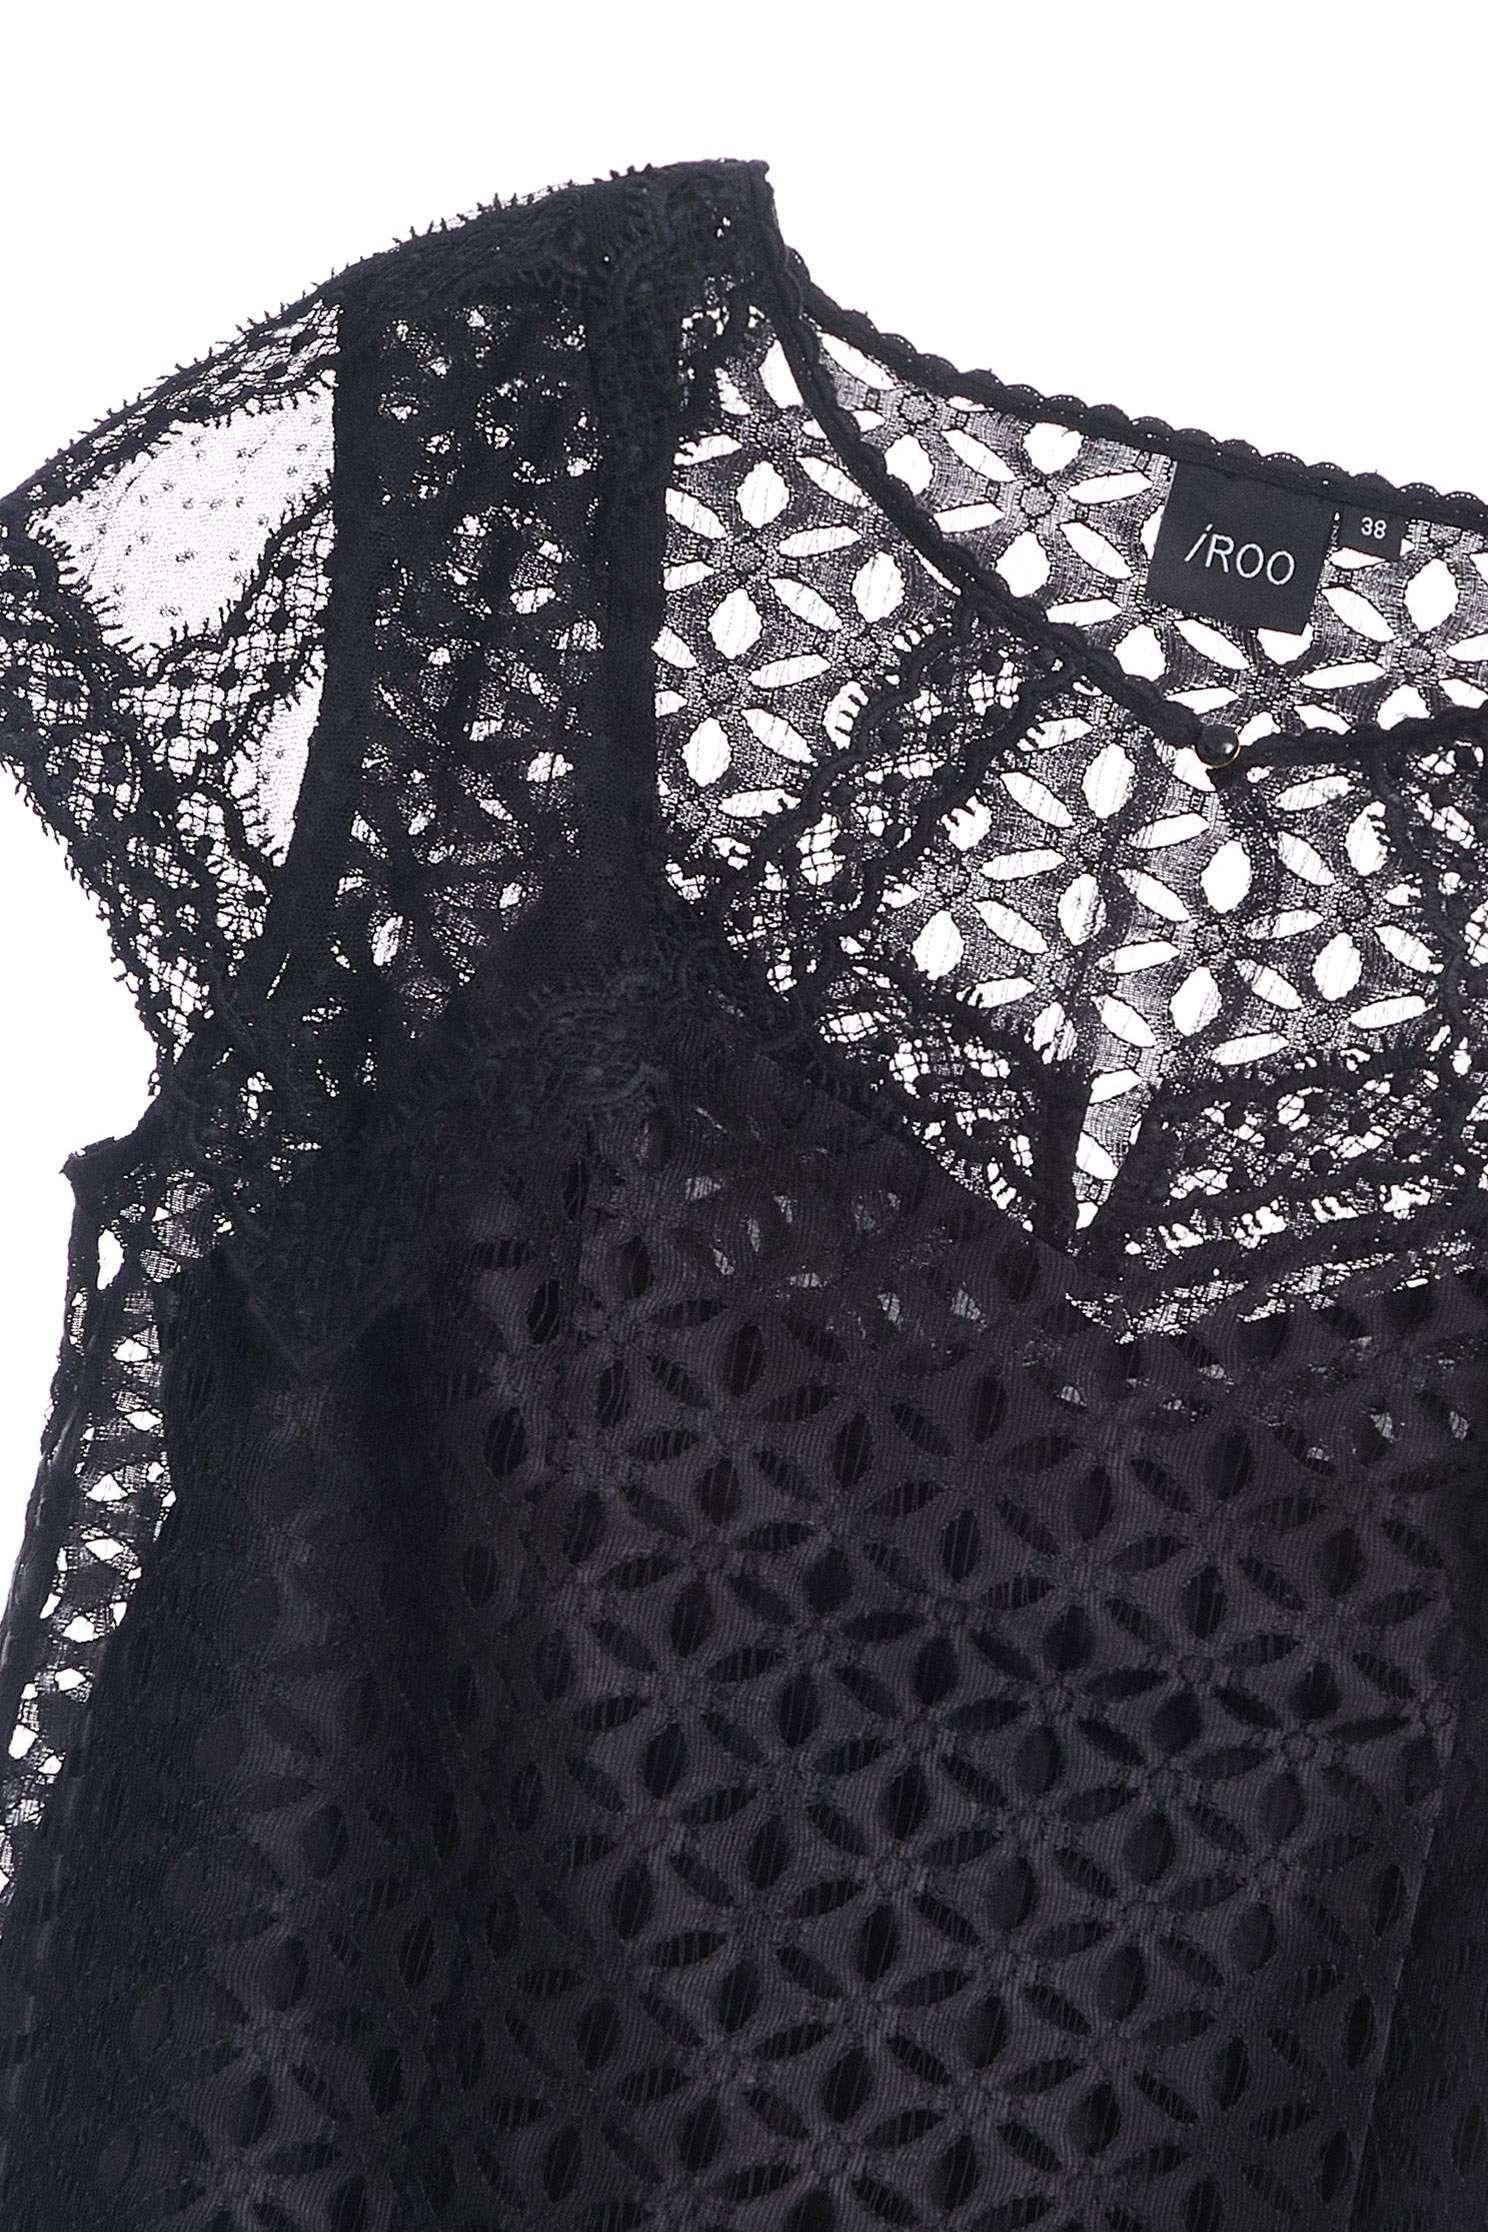 優雅全蕾絲經典設計短袖上衣,上衣,短袖上衣,秋冬穿搭,蕾絲,蕾絲上衣,透膚上衣,黑色上衣